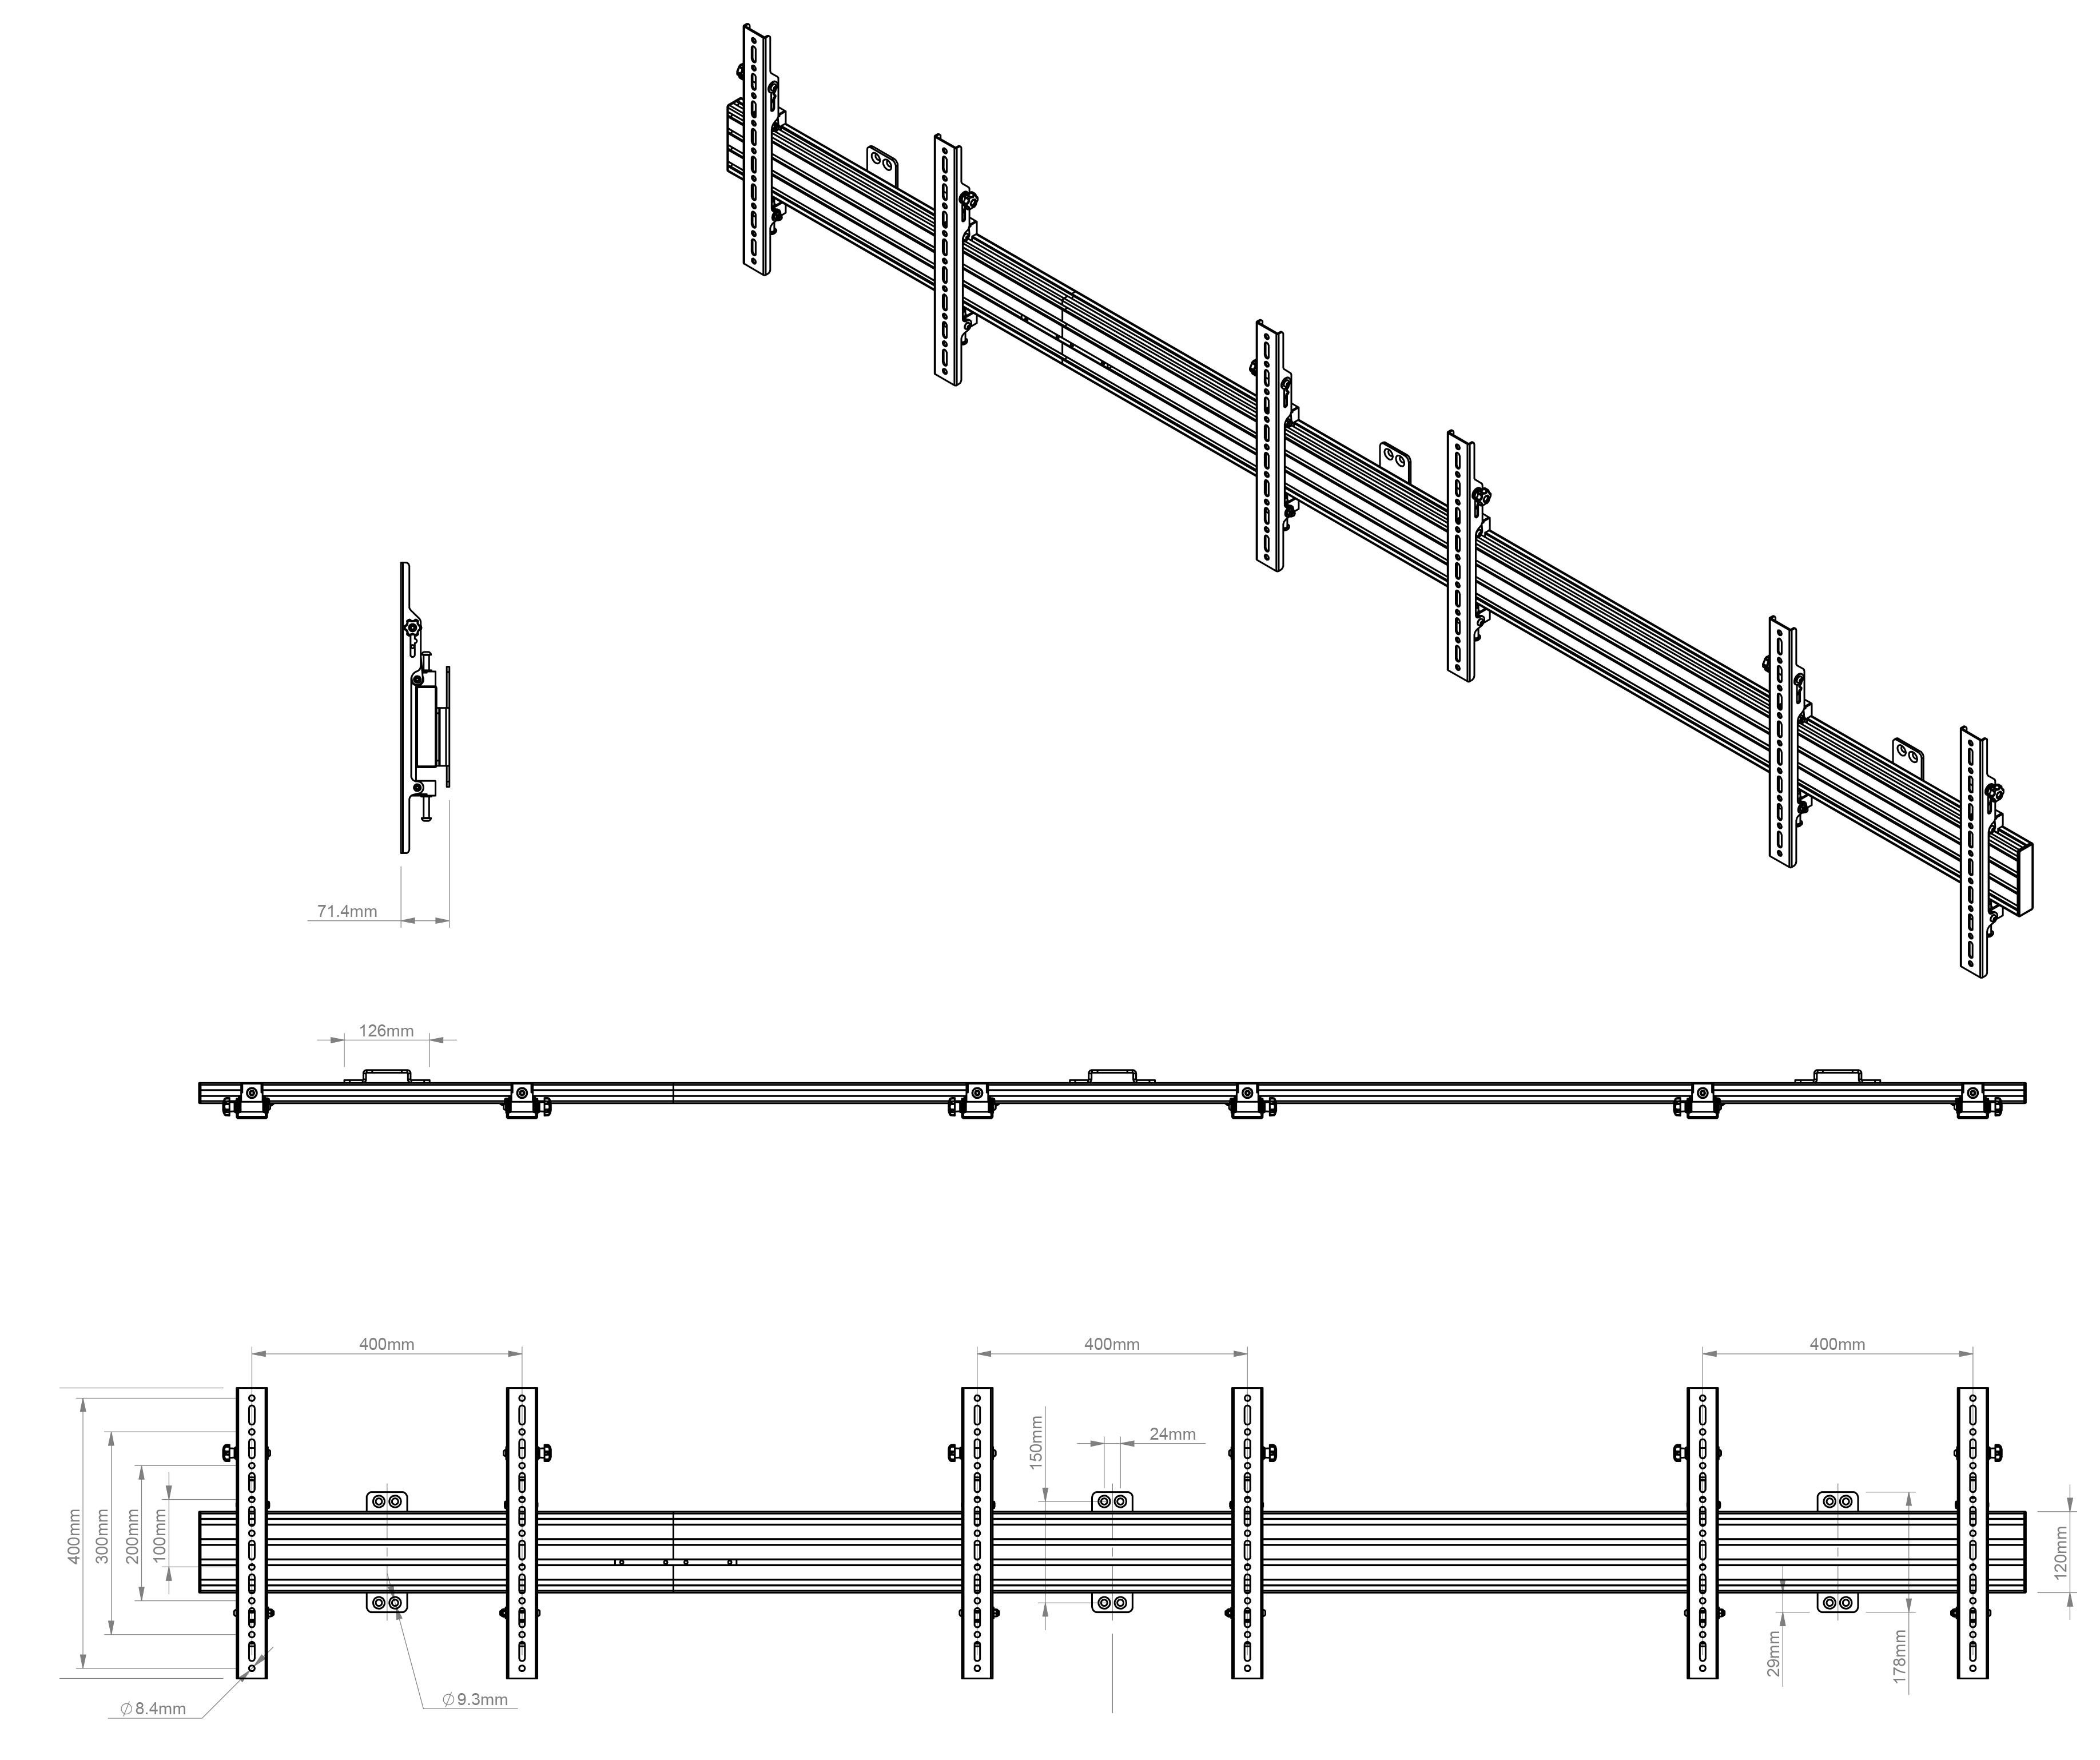 Ściana wideo 3 ekrany obok siebie na płaskich ramionach mocujących